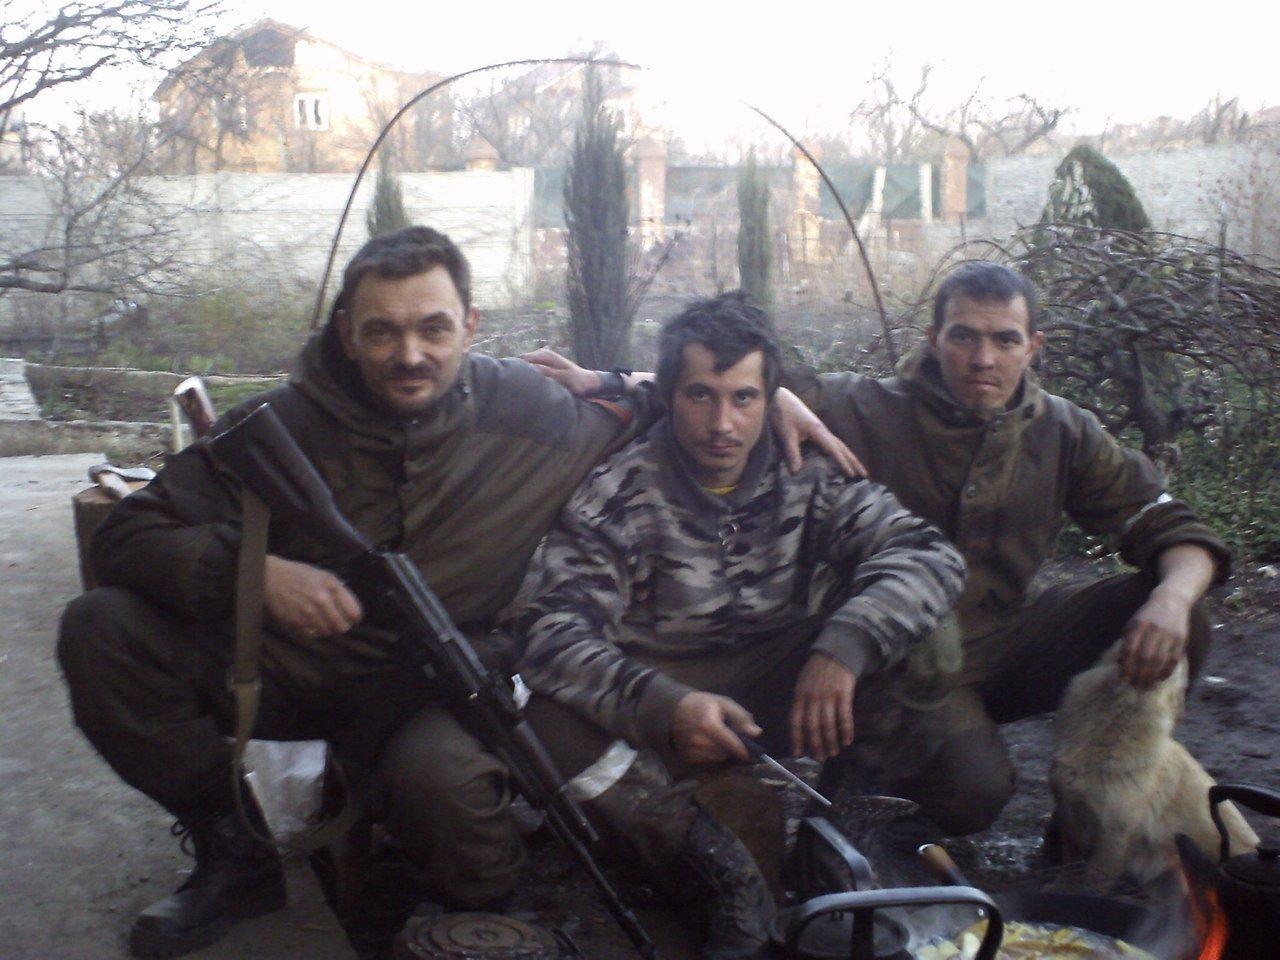 ВСУ ликвидировали еще одного опасного боевика: подробности и его фото